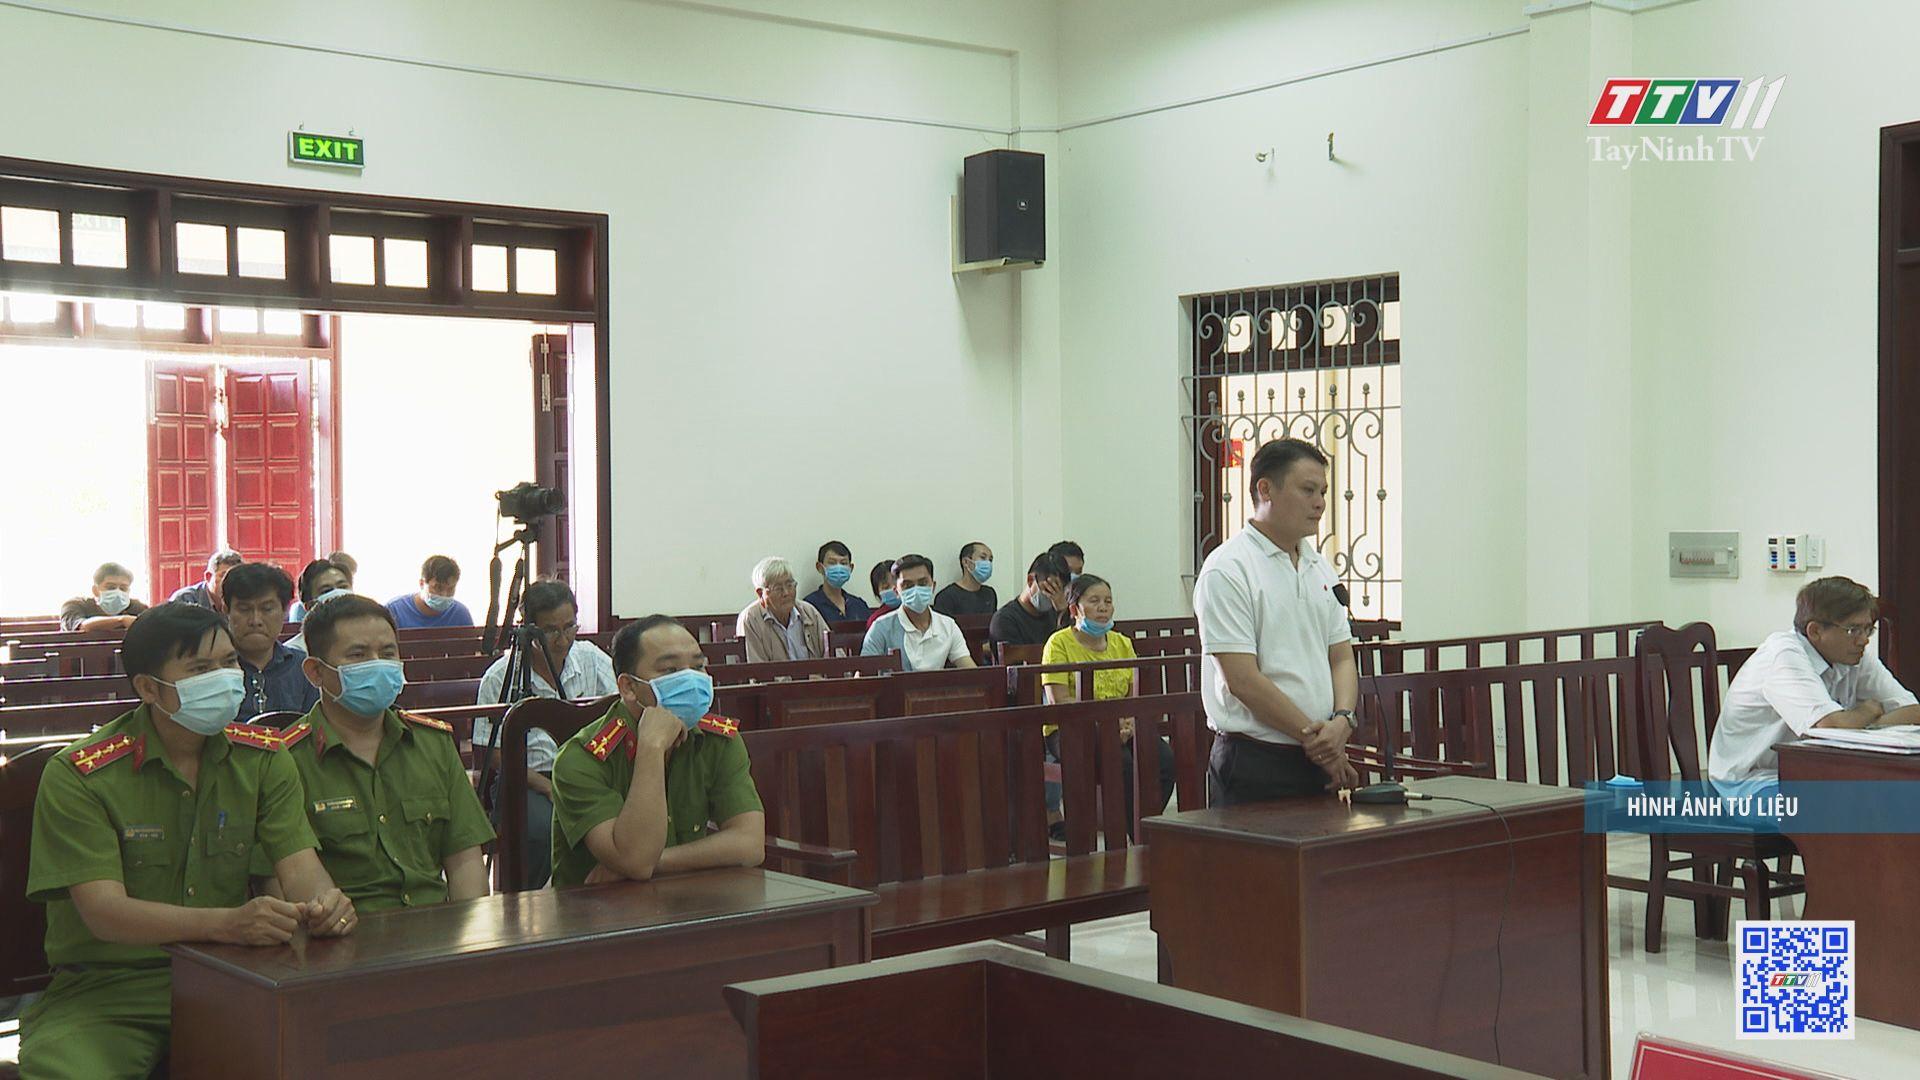 Giải đáp một số vướng mắc trong xét xử án hình sự, dân sự   GIỚI THIỆU VĂN BẢN PHÁP LUẬT   TayNinhTV